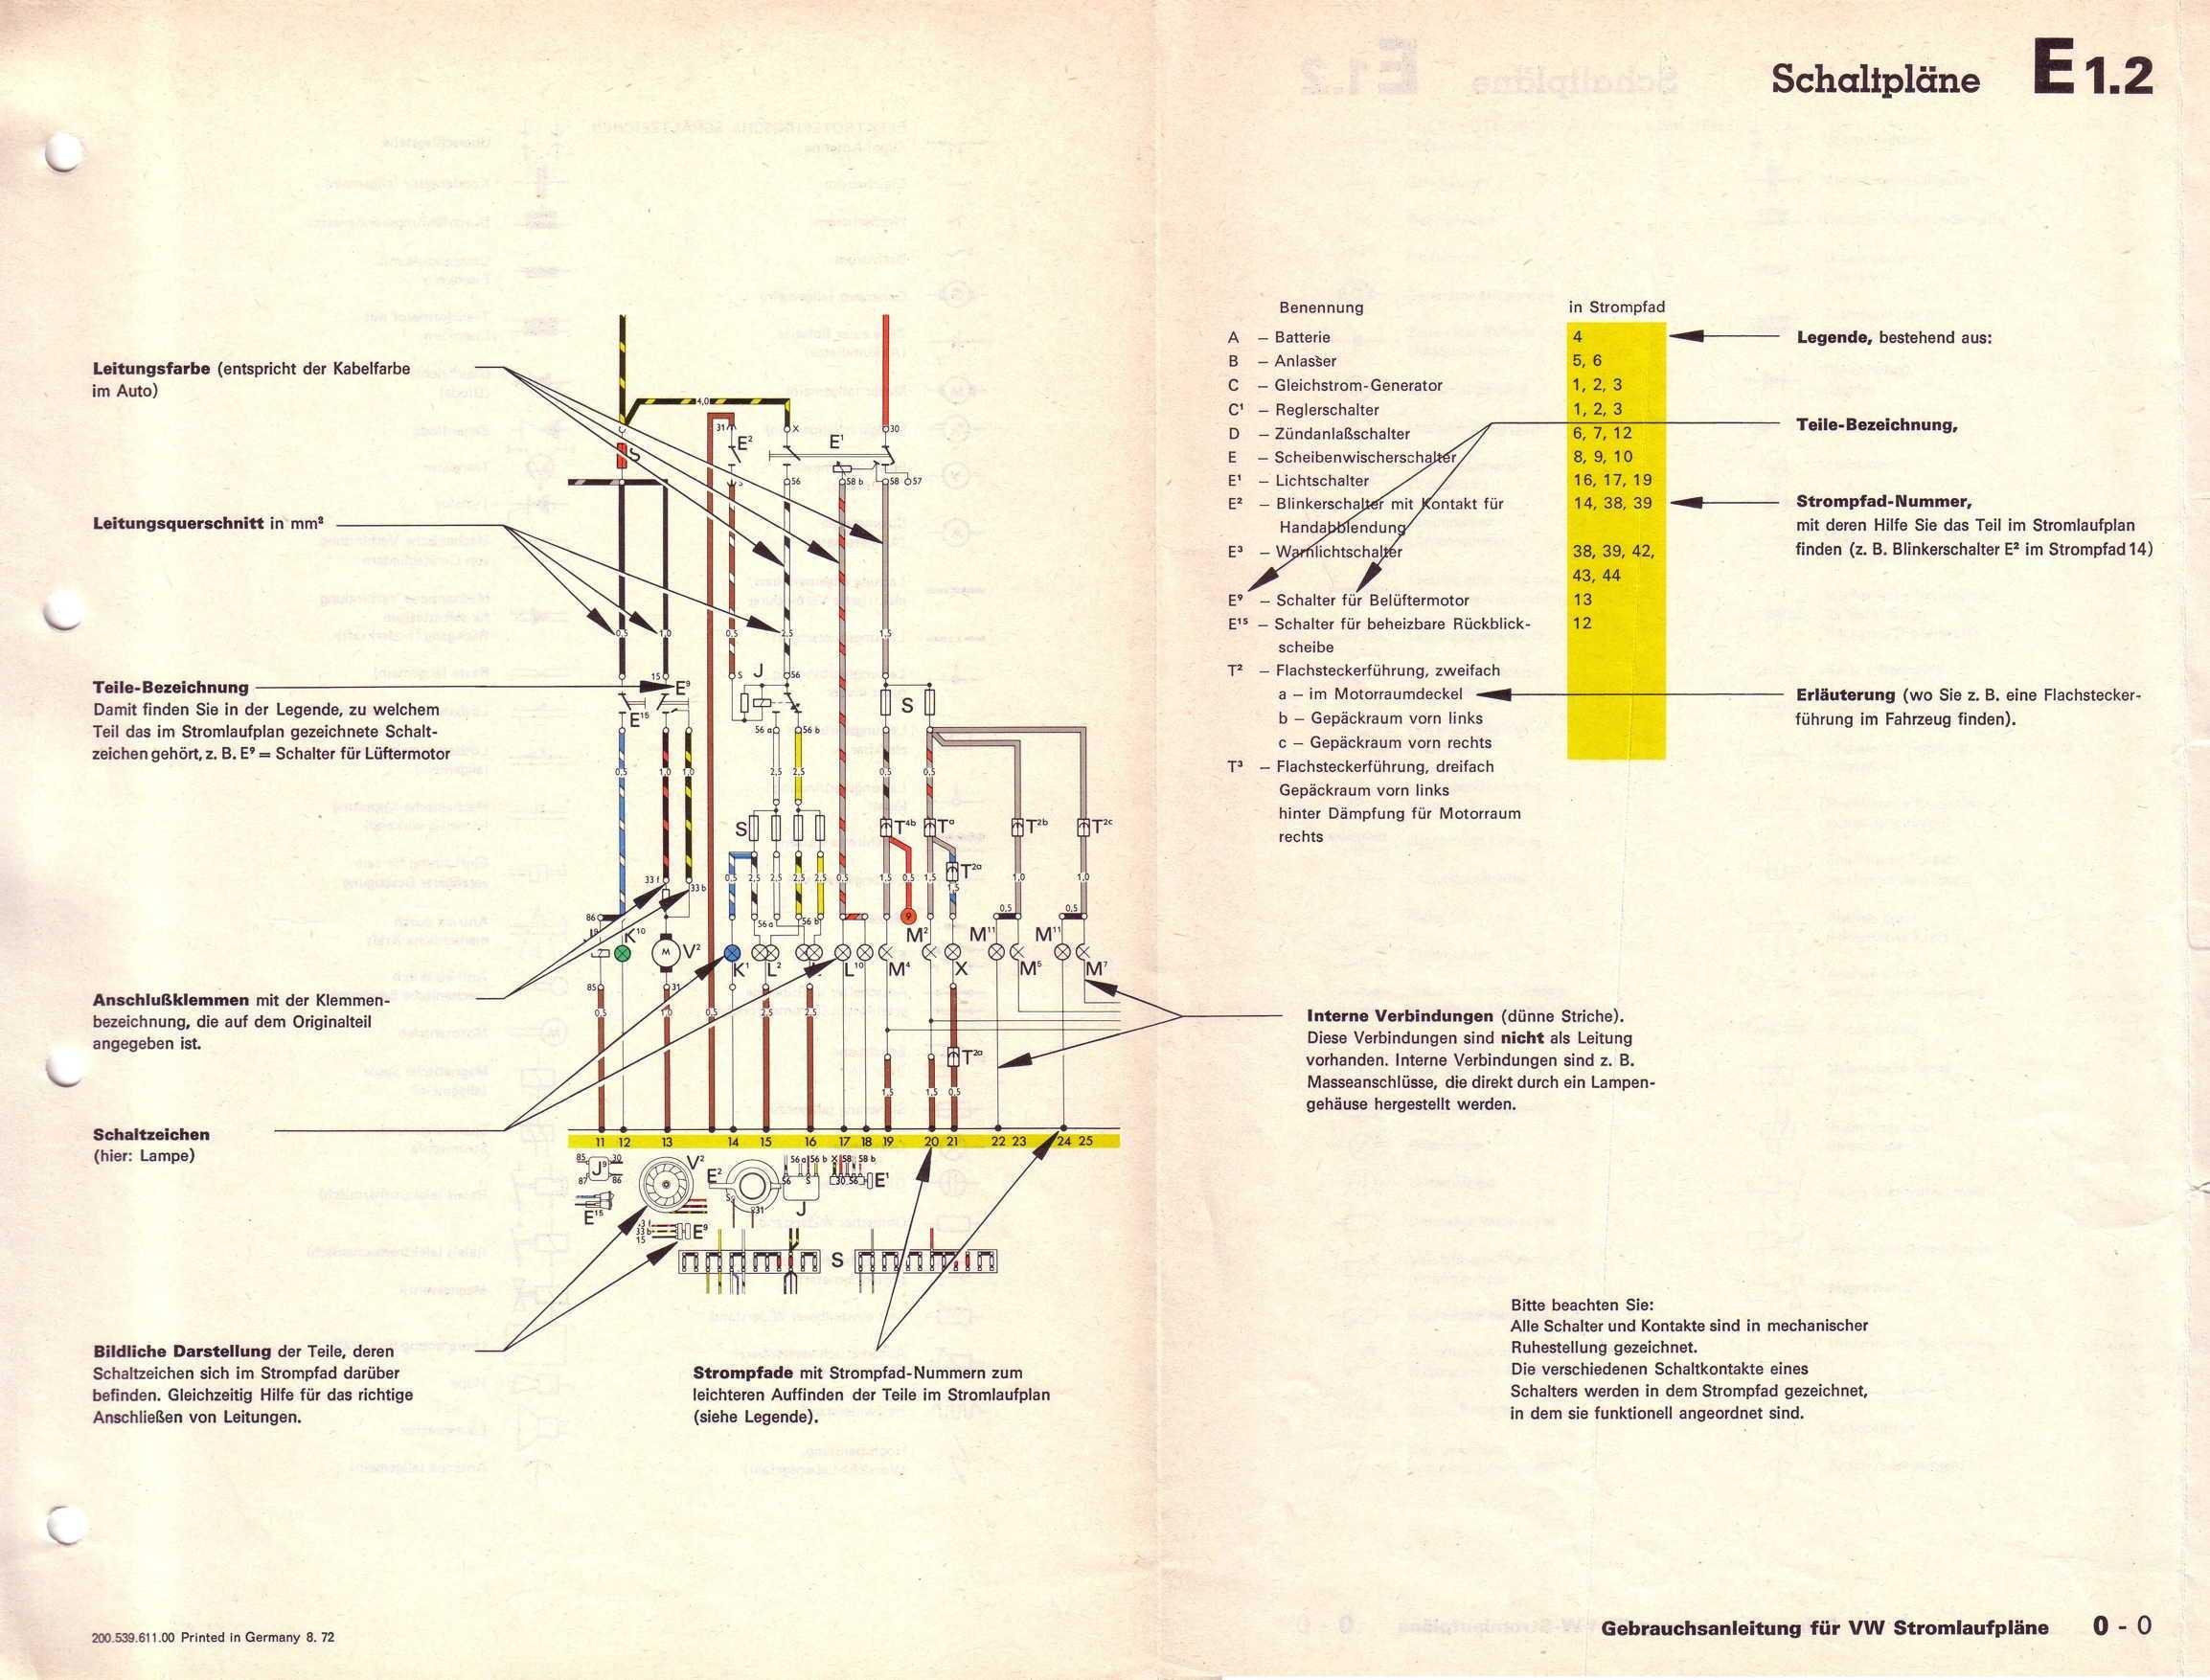 2012 Xto Bad Boy Stamatic Wiring Diagram 5042b Bad Boy Buggies Wiring Diagram Of 2012 Xto Bad Boy Stamatic Wiring Diagram